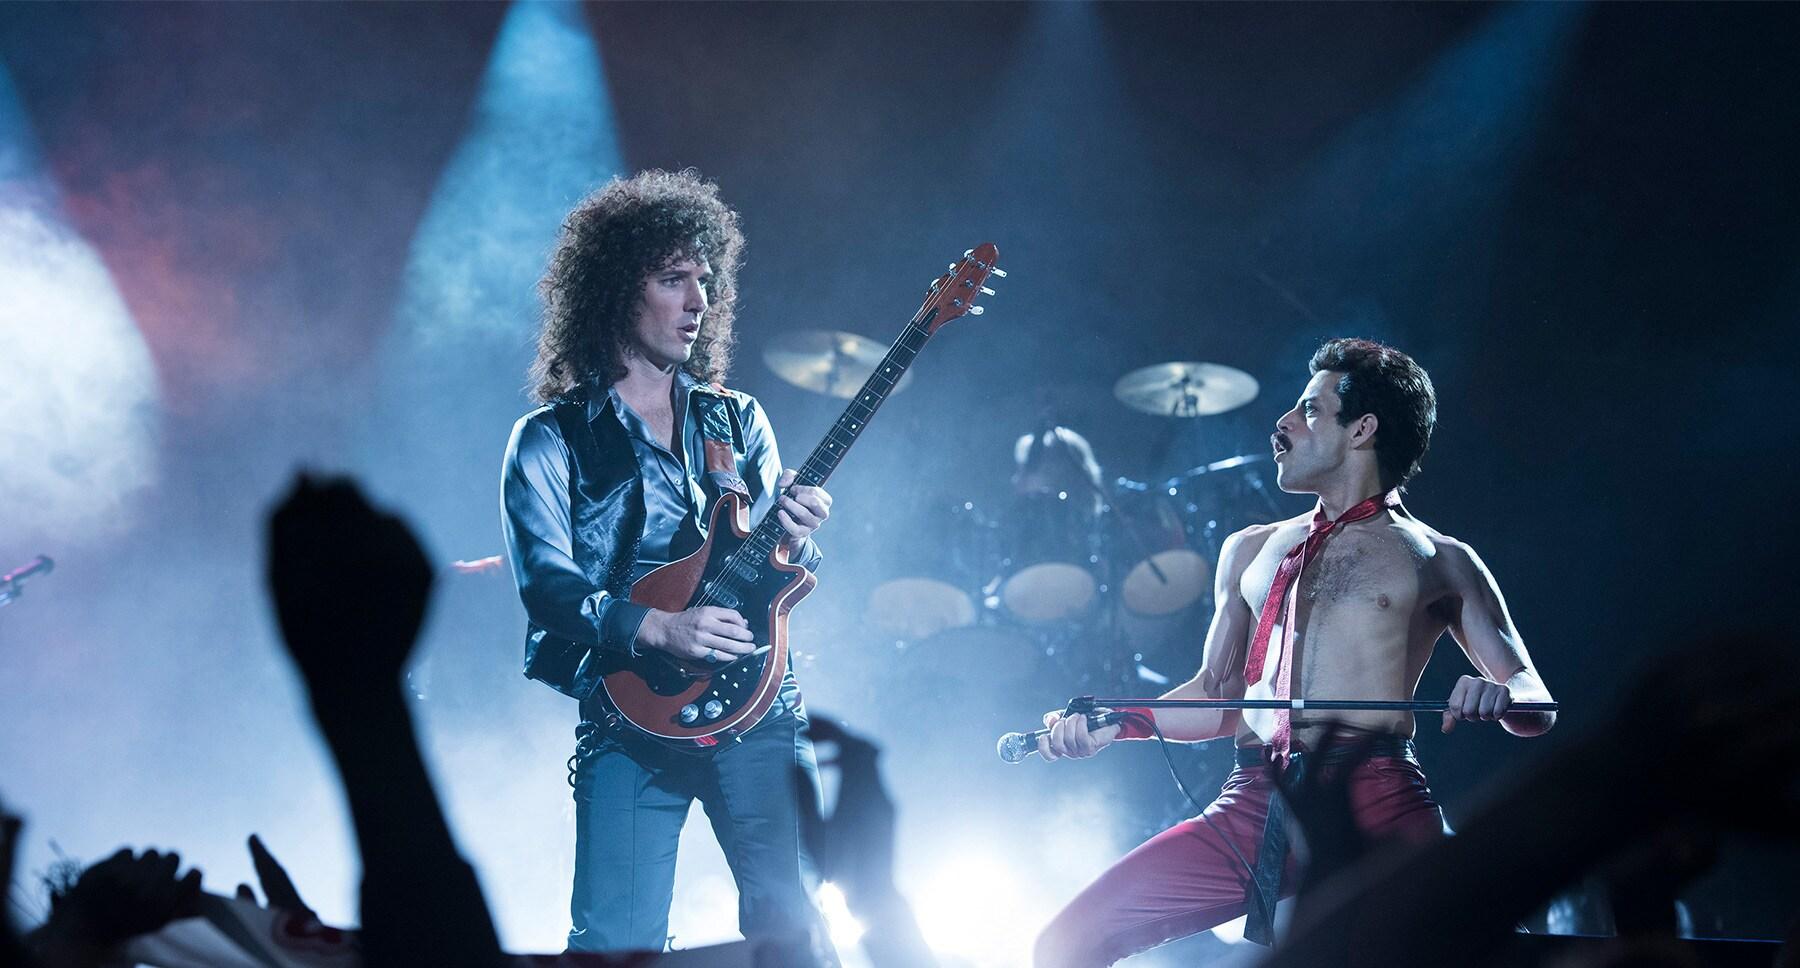 """Actors Rami Malek (as Freddie Mercury) and Gwilym Lee (as Brian May) in the movie """"Bohemian Rhapsody"""""""